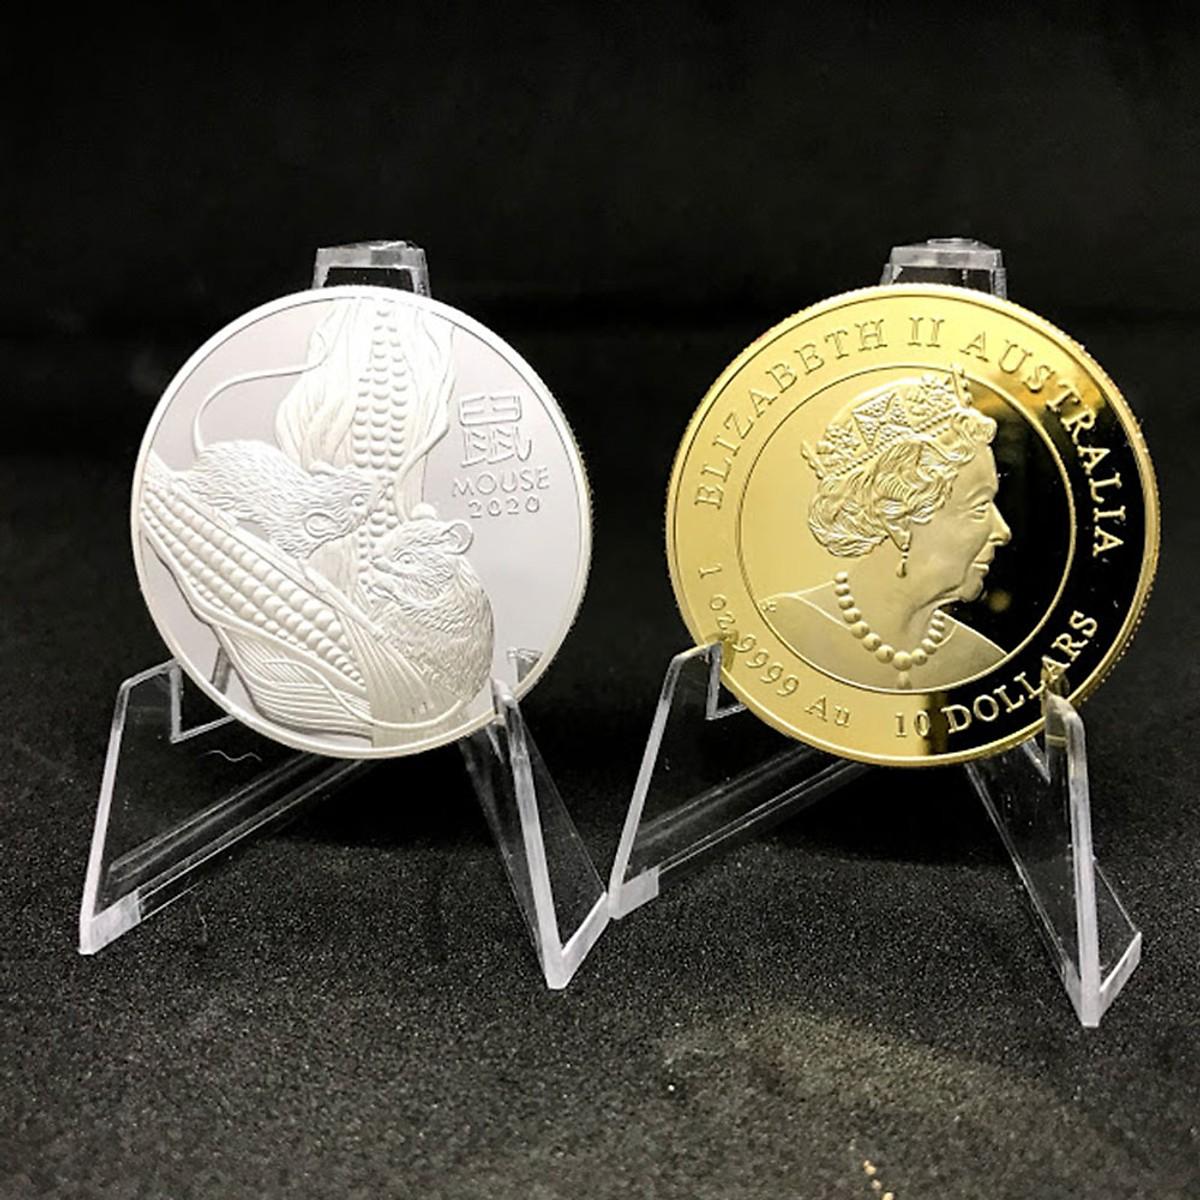 Đồ lưu niệm - Cặp Đồng Xu Hình Con Chuột Của Úc Mạ Kim Loại Vàng Bạc 2020